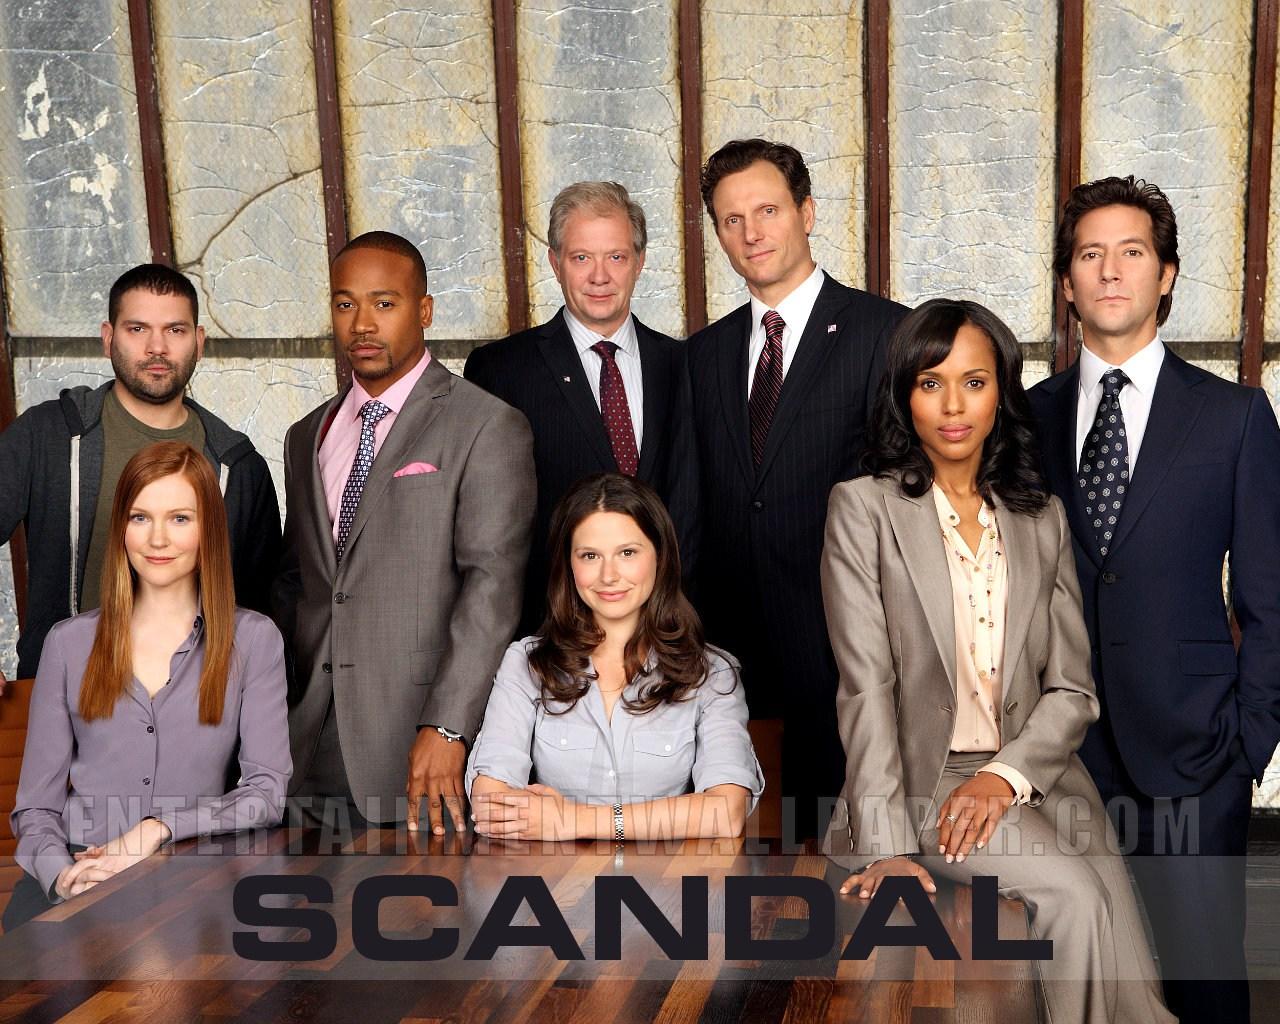 Serie Scandal